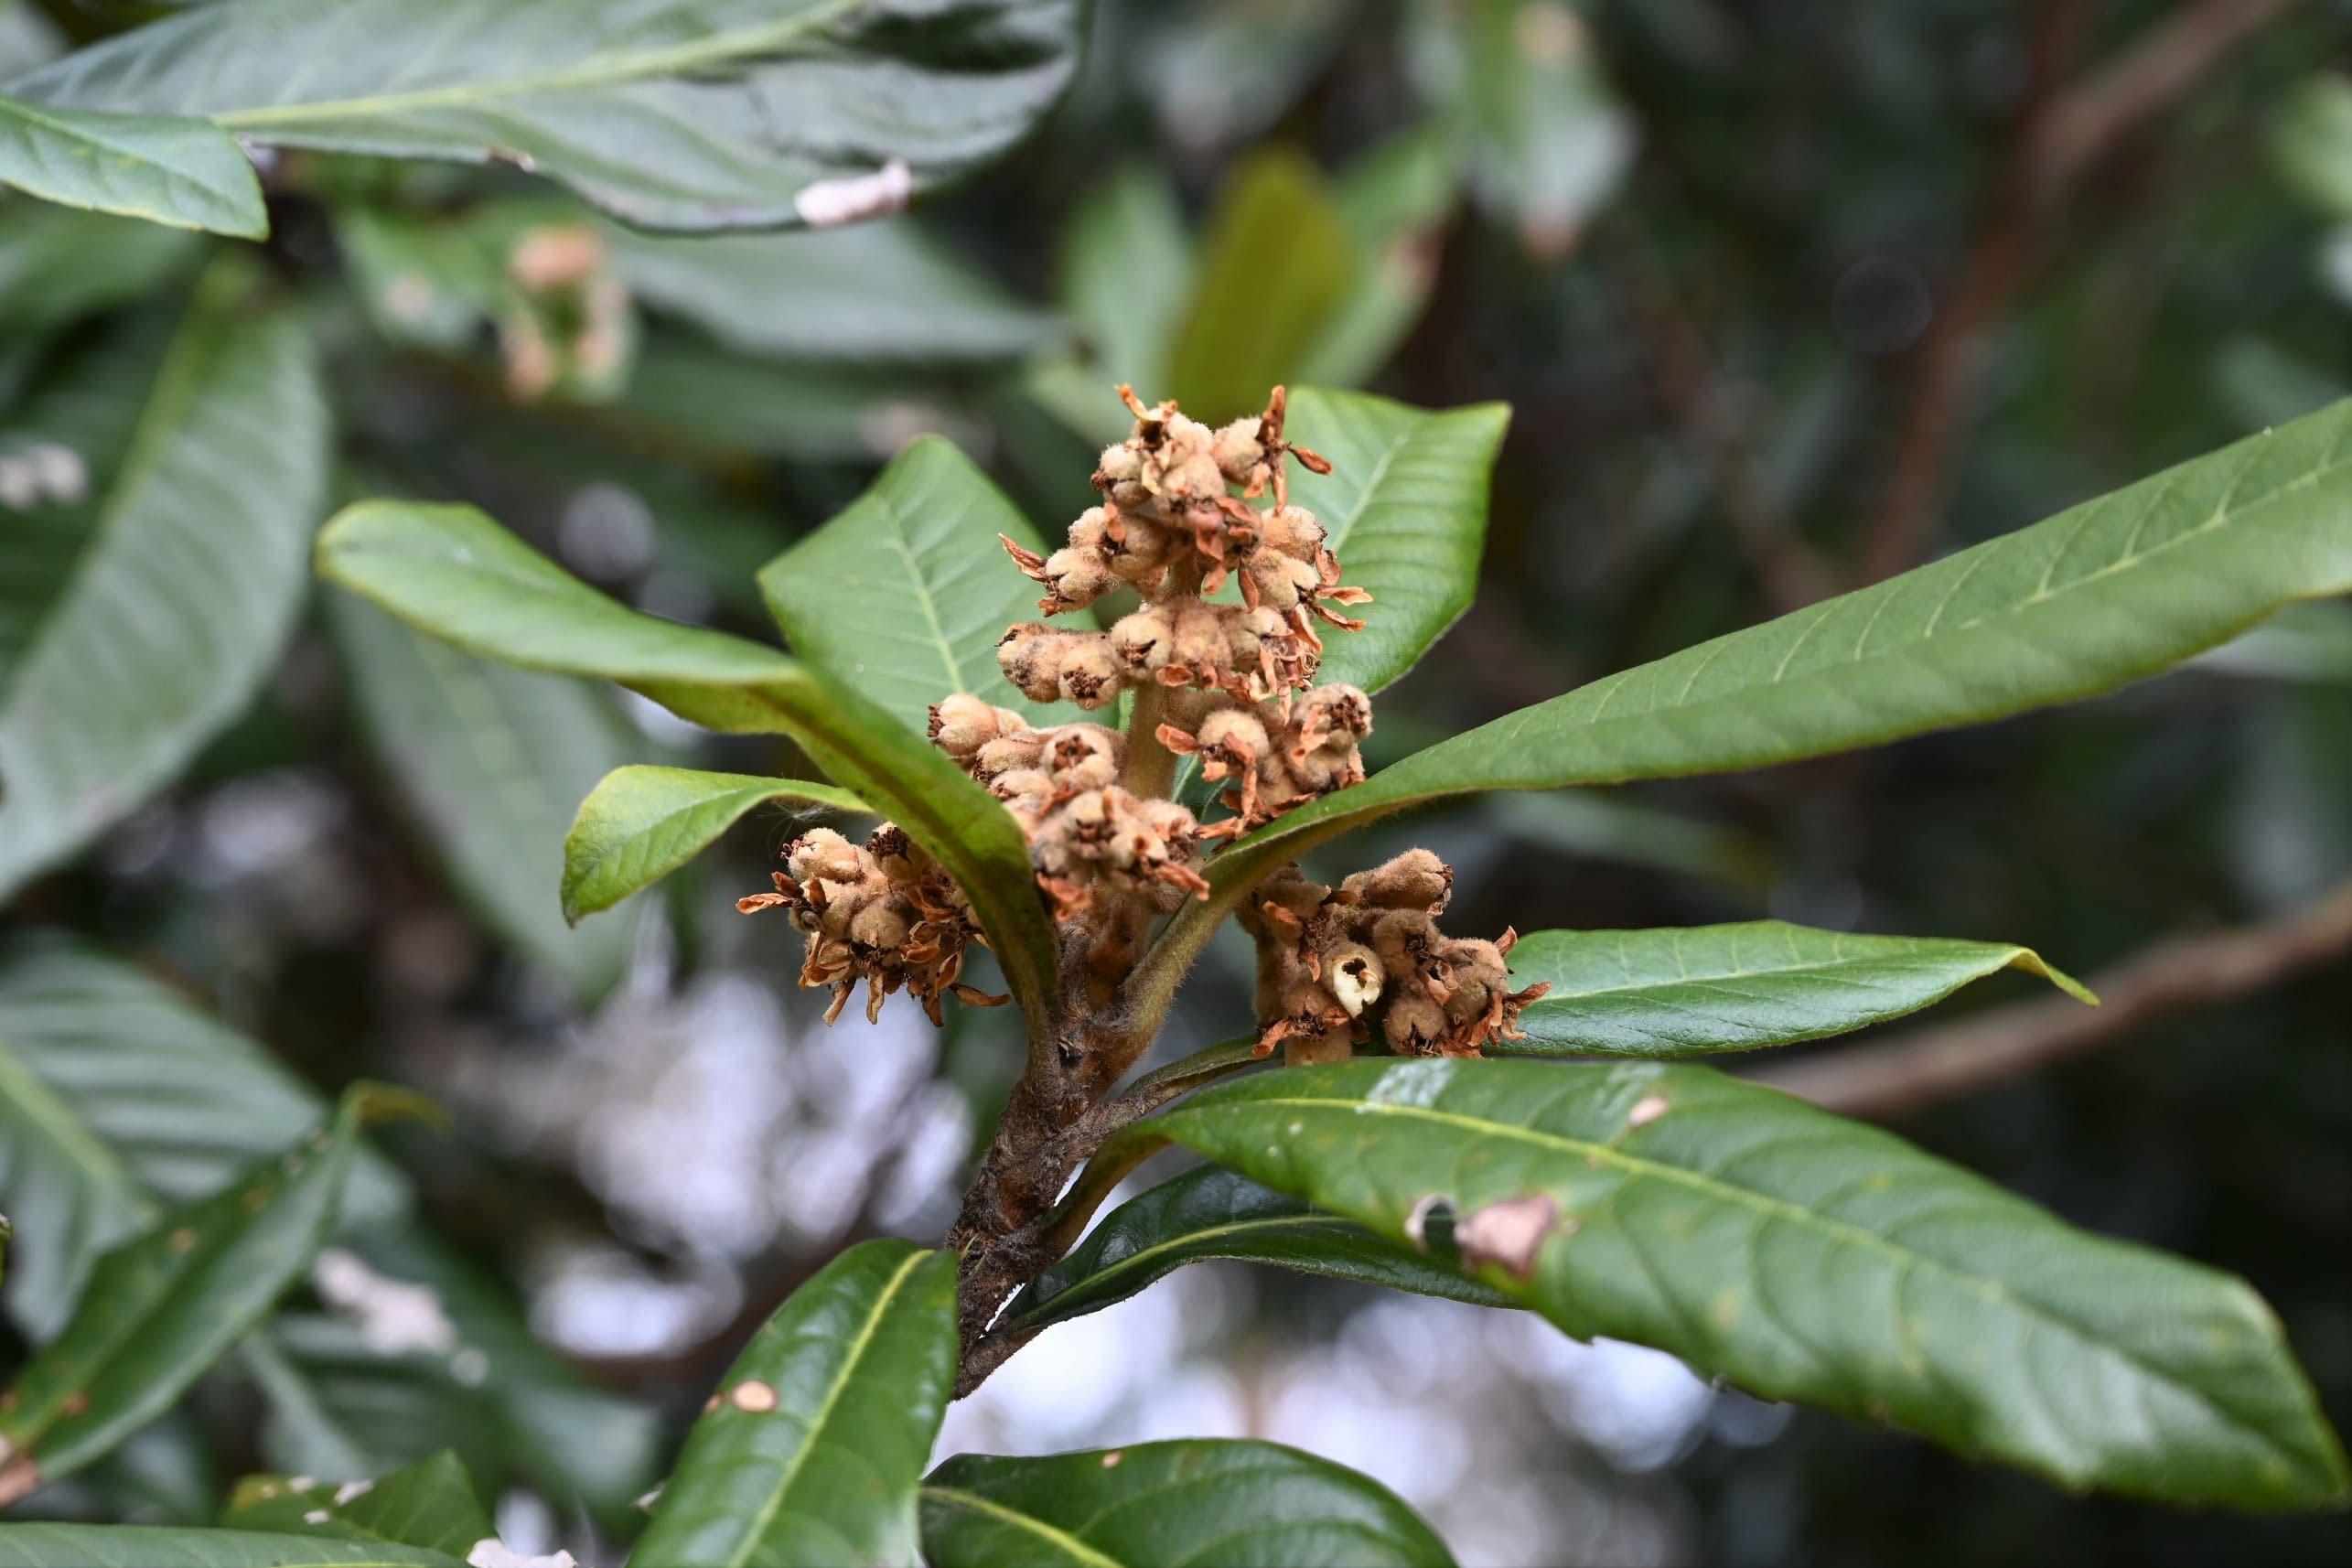 の びわ 育て 木 方 の ビワの木がかかりやすい病気は?